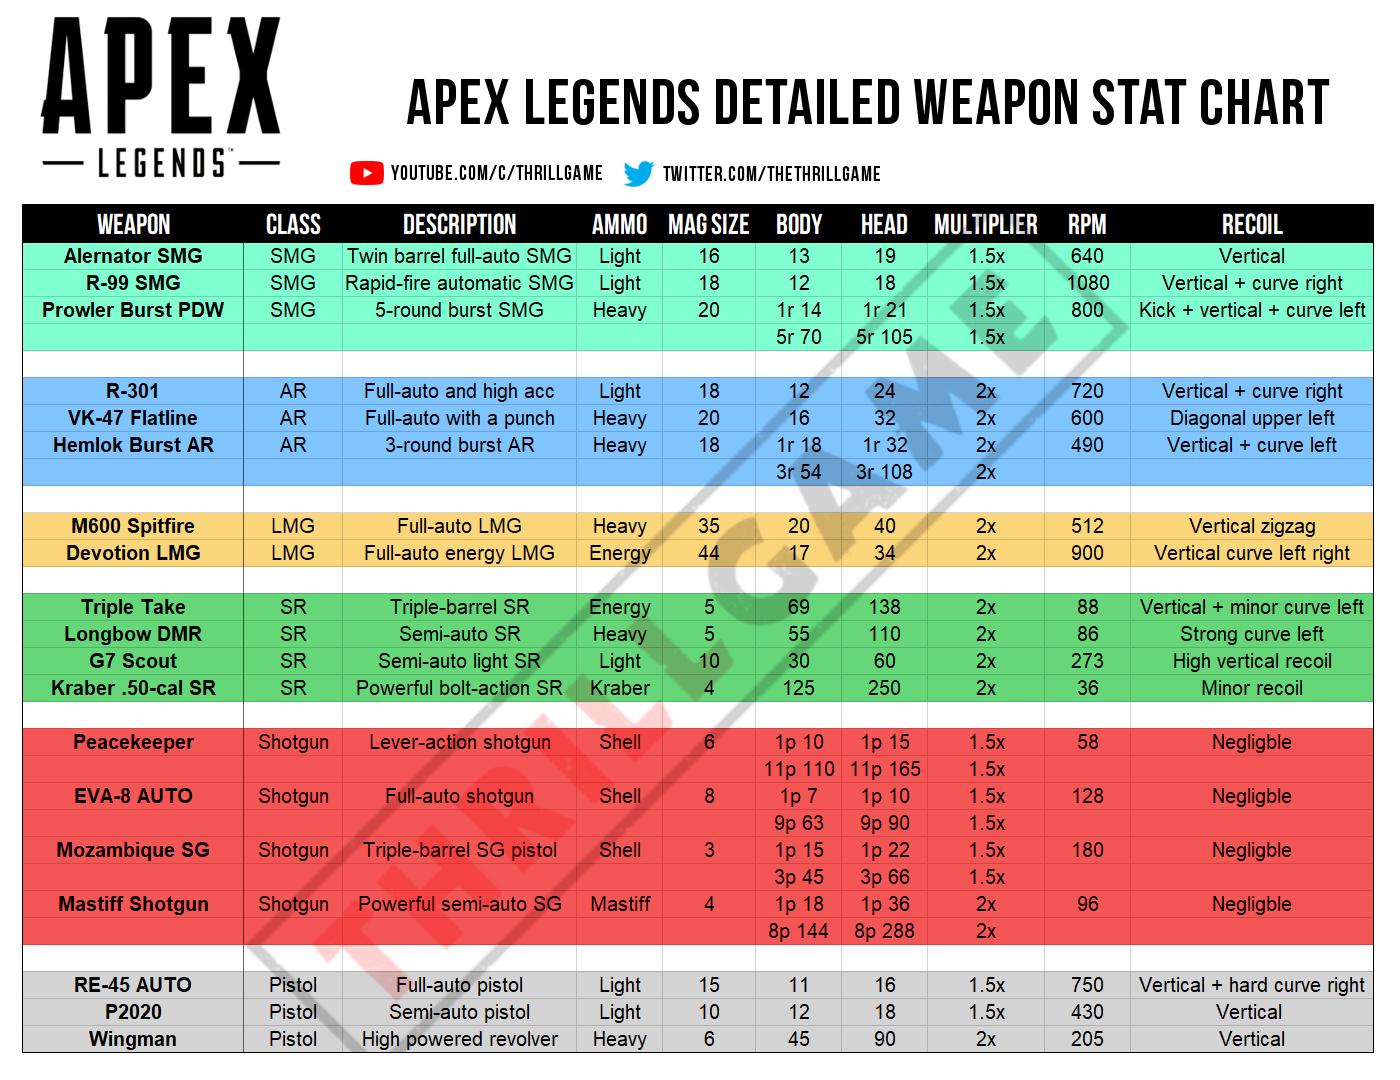 Dégats des armes Apex Legends